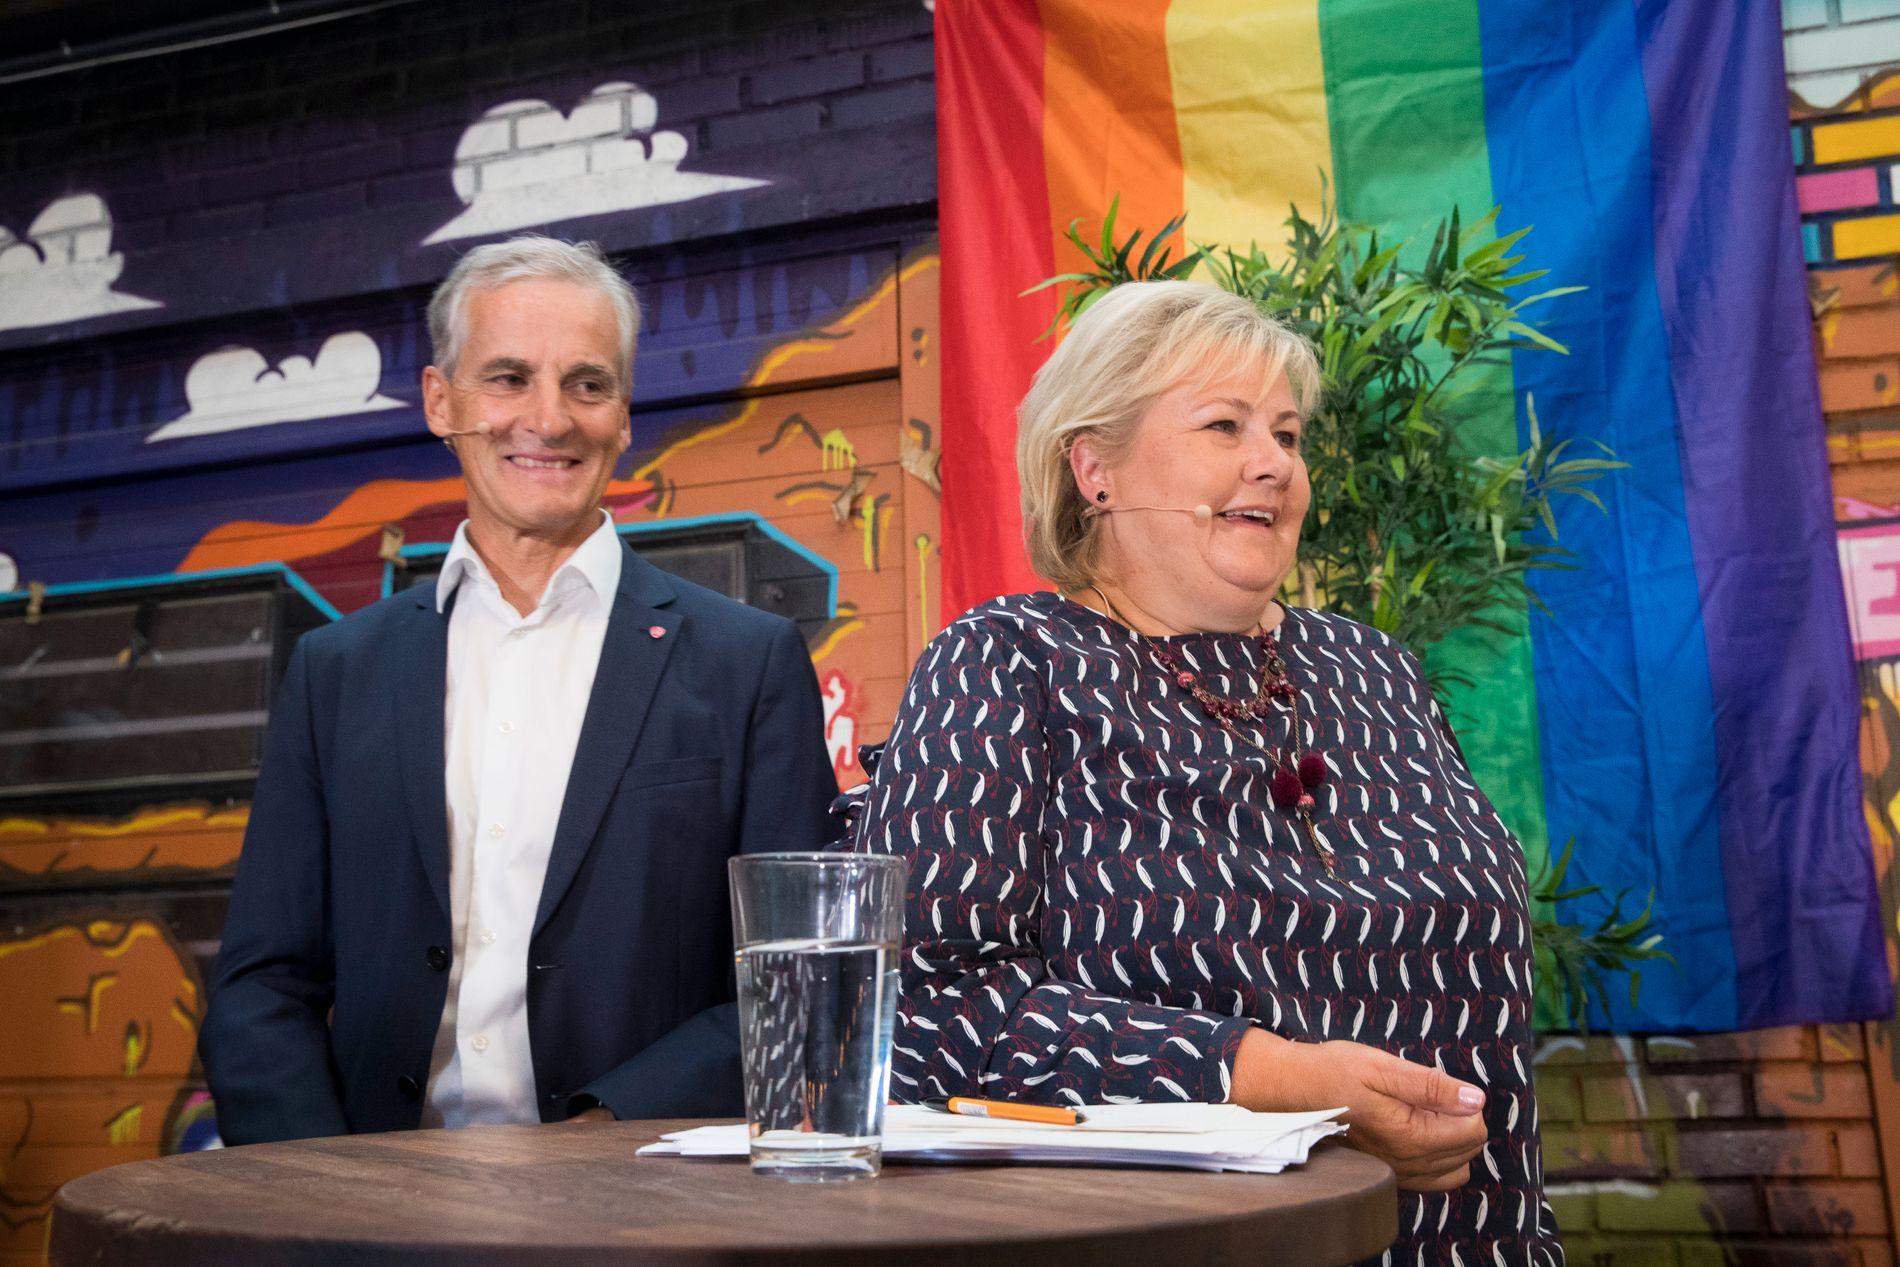 DUELL: Statsminister Erna Solberg (H) og partileder Jonas Gahr Støre (A) møttes til valgdebatt i Oslo 5. august.